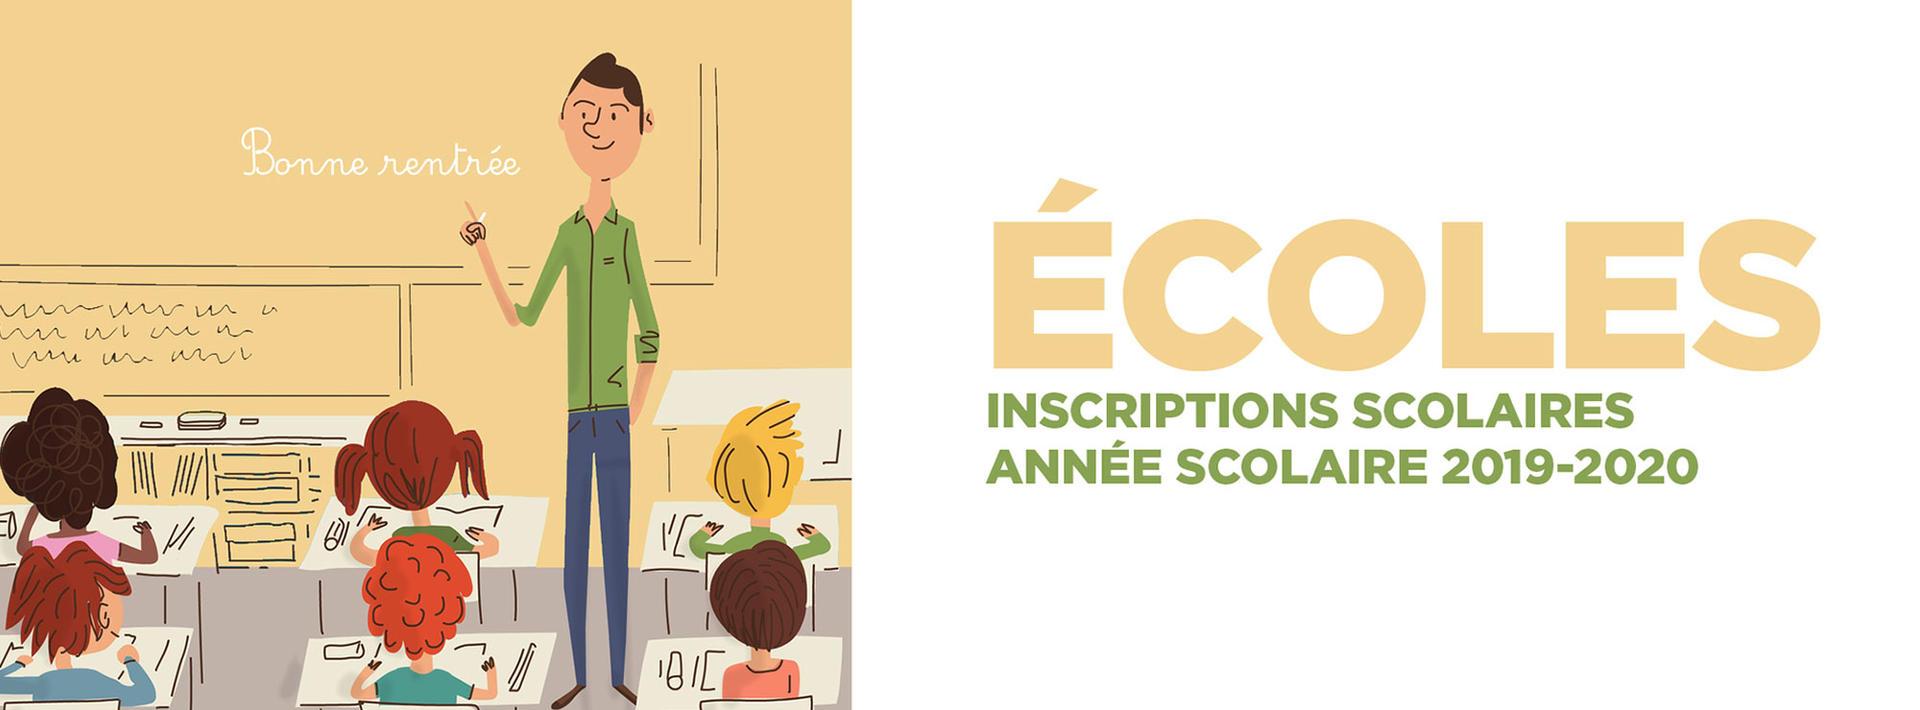 Calendrier Scolaire 2020trackidsp 006.Inscriptions Scolaires Ville De Montpellier